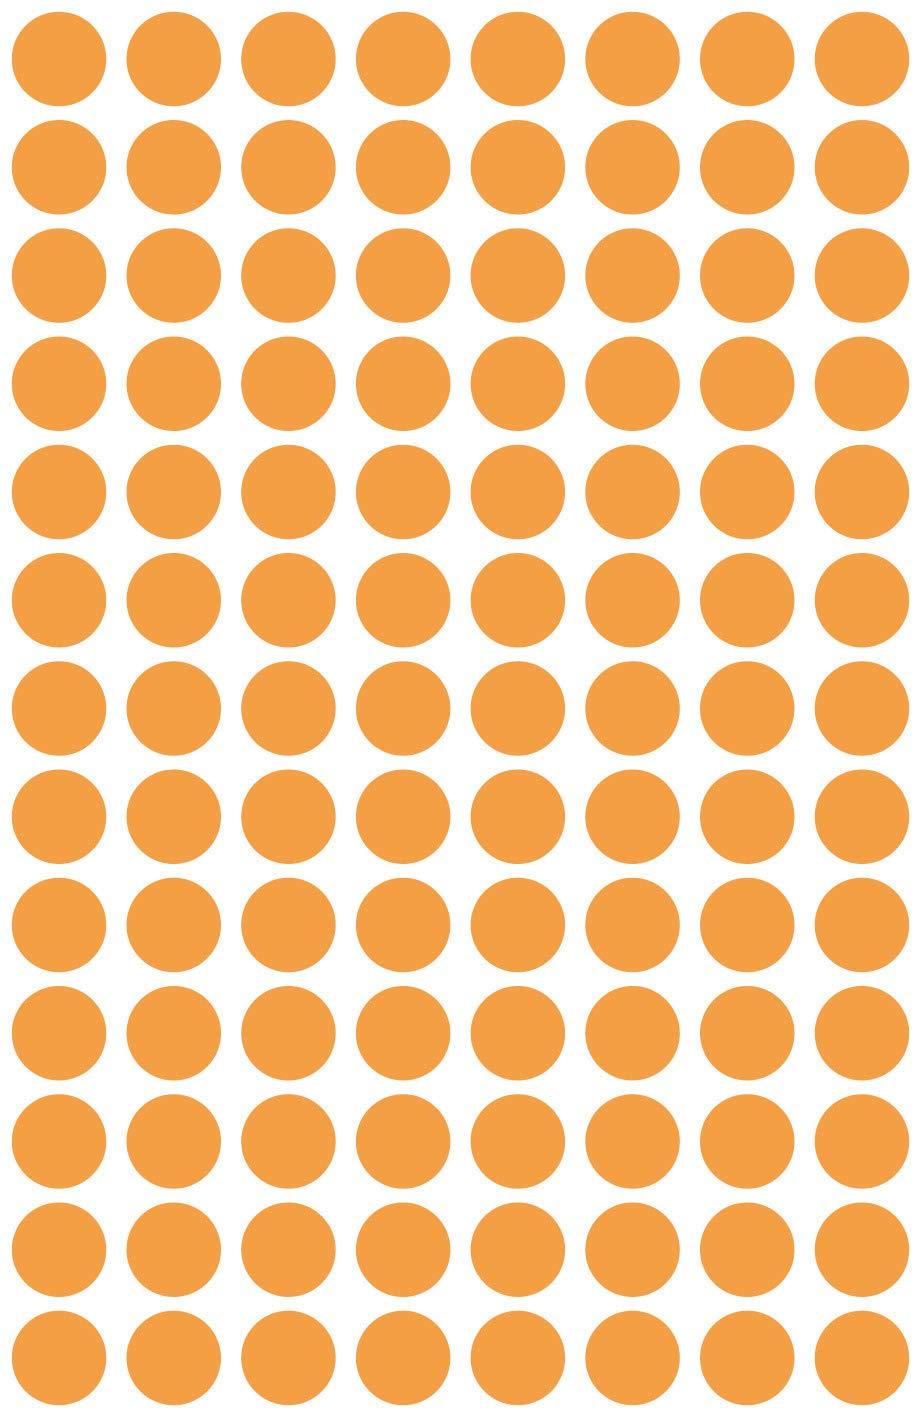 AVERY Zweckform 3013 selbstklebende Markierungspunkte /Ø 8 mm, 416 Klebepunkte auf 4 Bogen, runde Aufkleber f/ür Kalender, Planer und zum Basteln, Papier, matt gelb